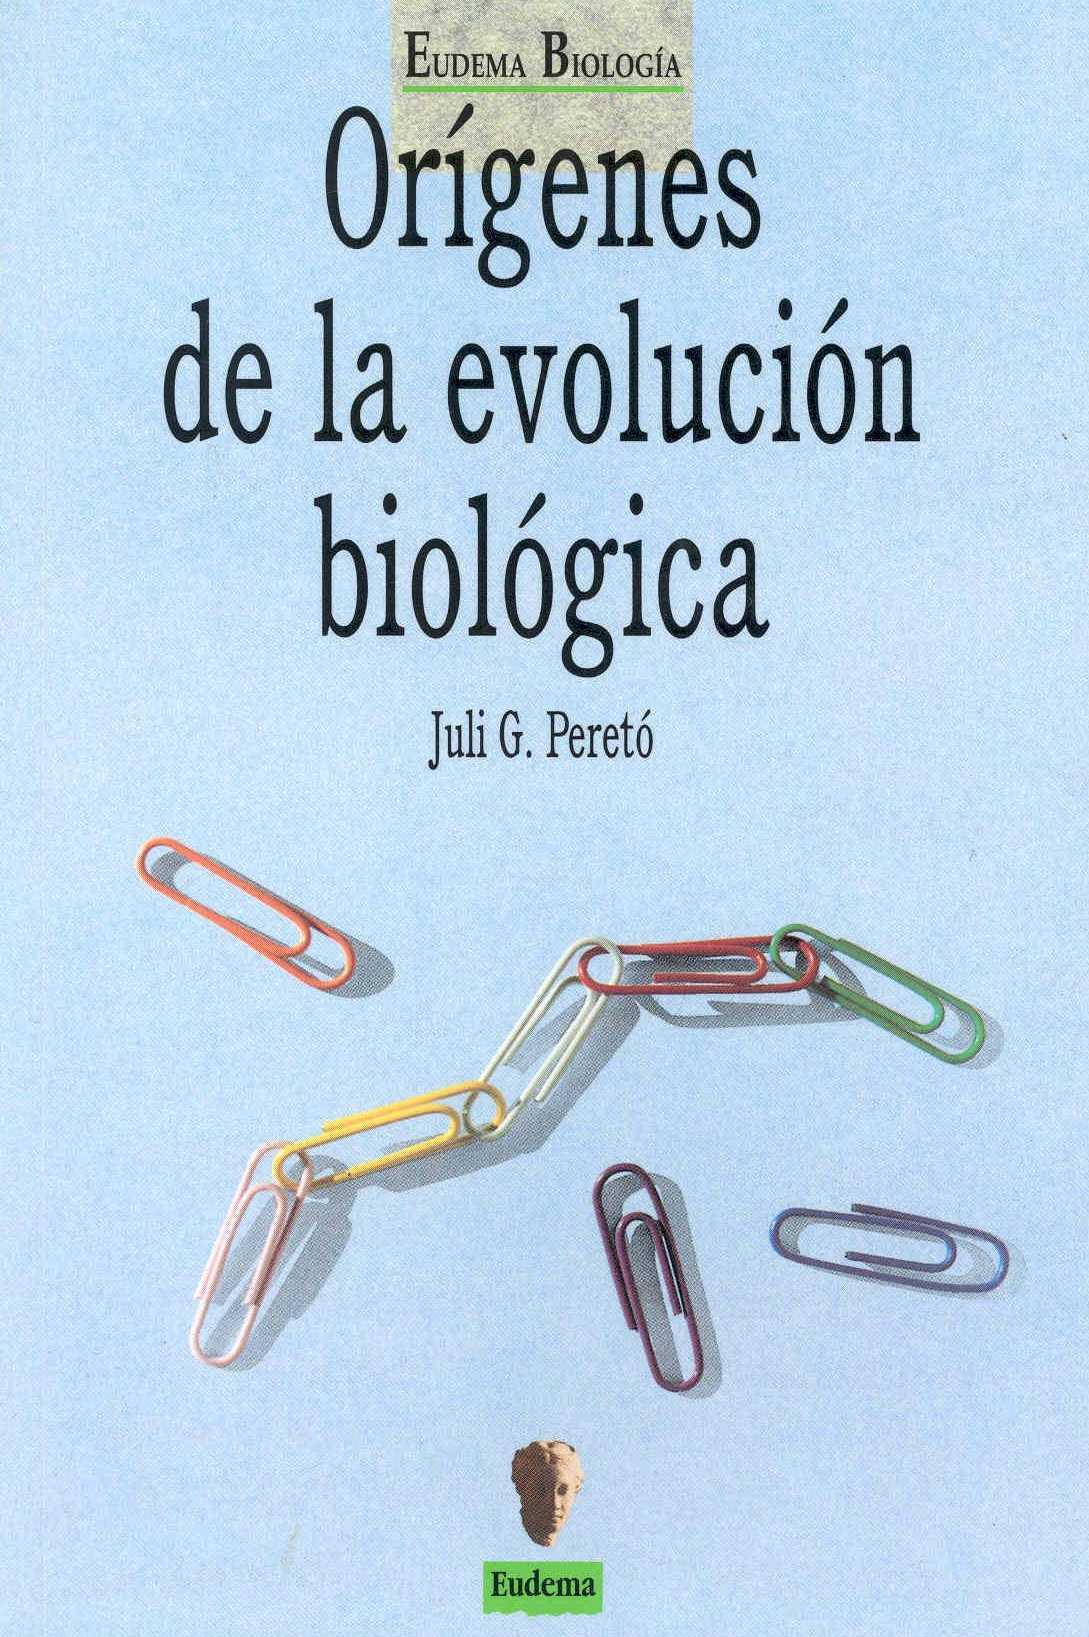 Evolucion Quimica y Biologica de la Evolución Biológica